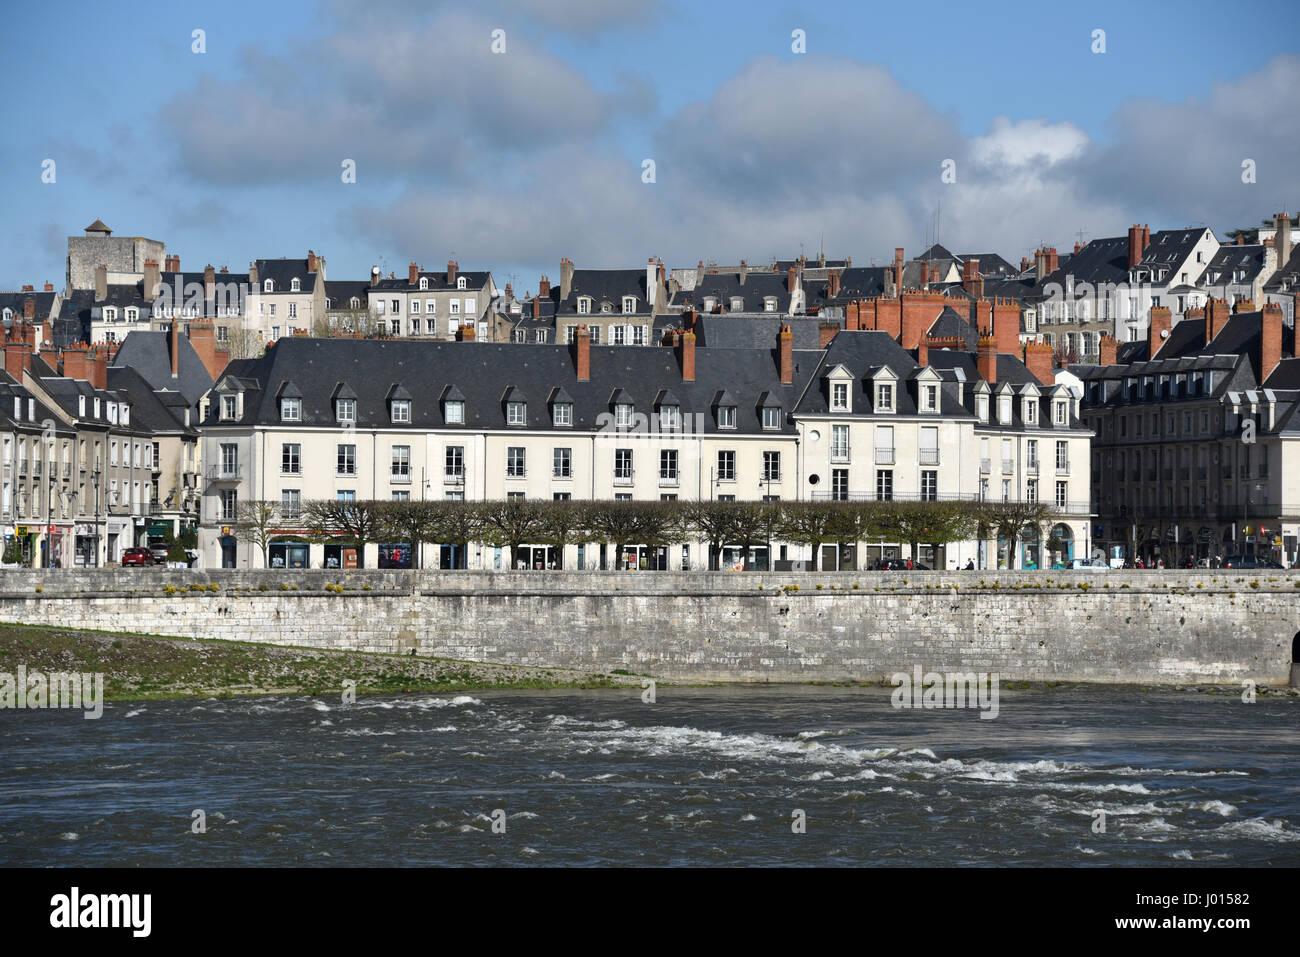 Blois, right bank of Loire river, Loire valley, Loir-et-Cher, Centre-Val de Loire, France, Europe, UNESCO World - Stock Image